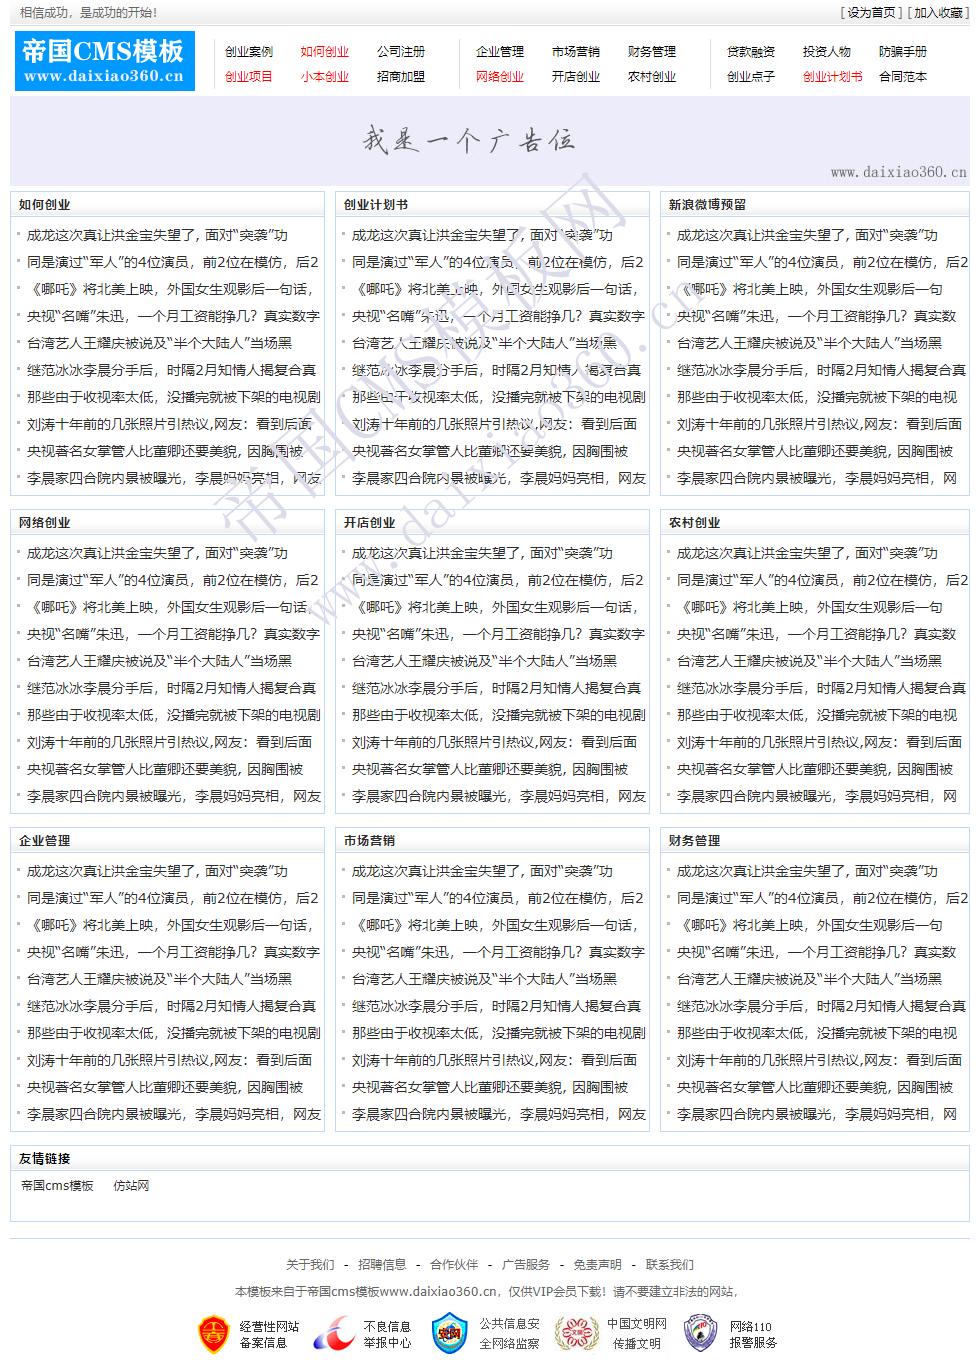 帝国cms创业项目点子网站模板下载-首页